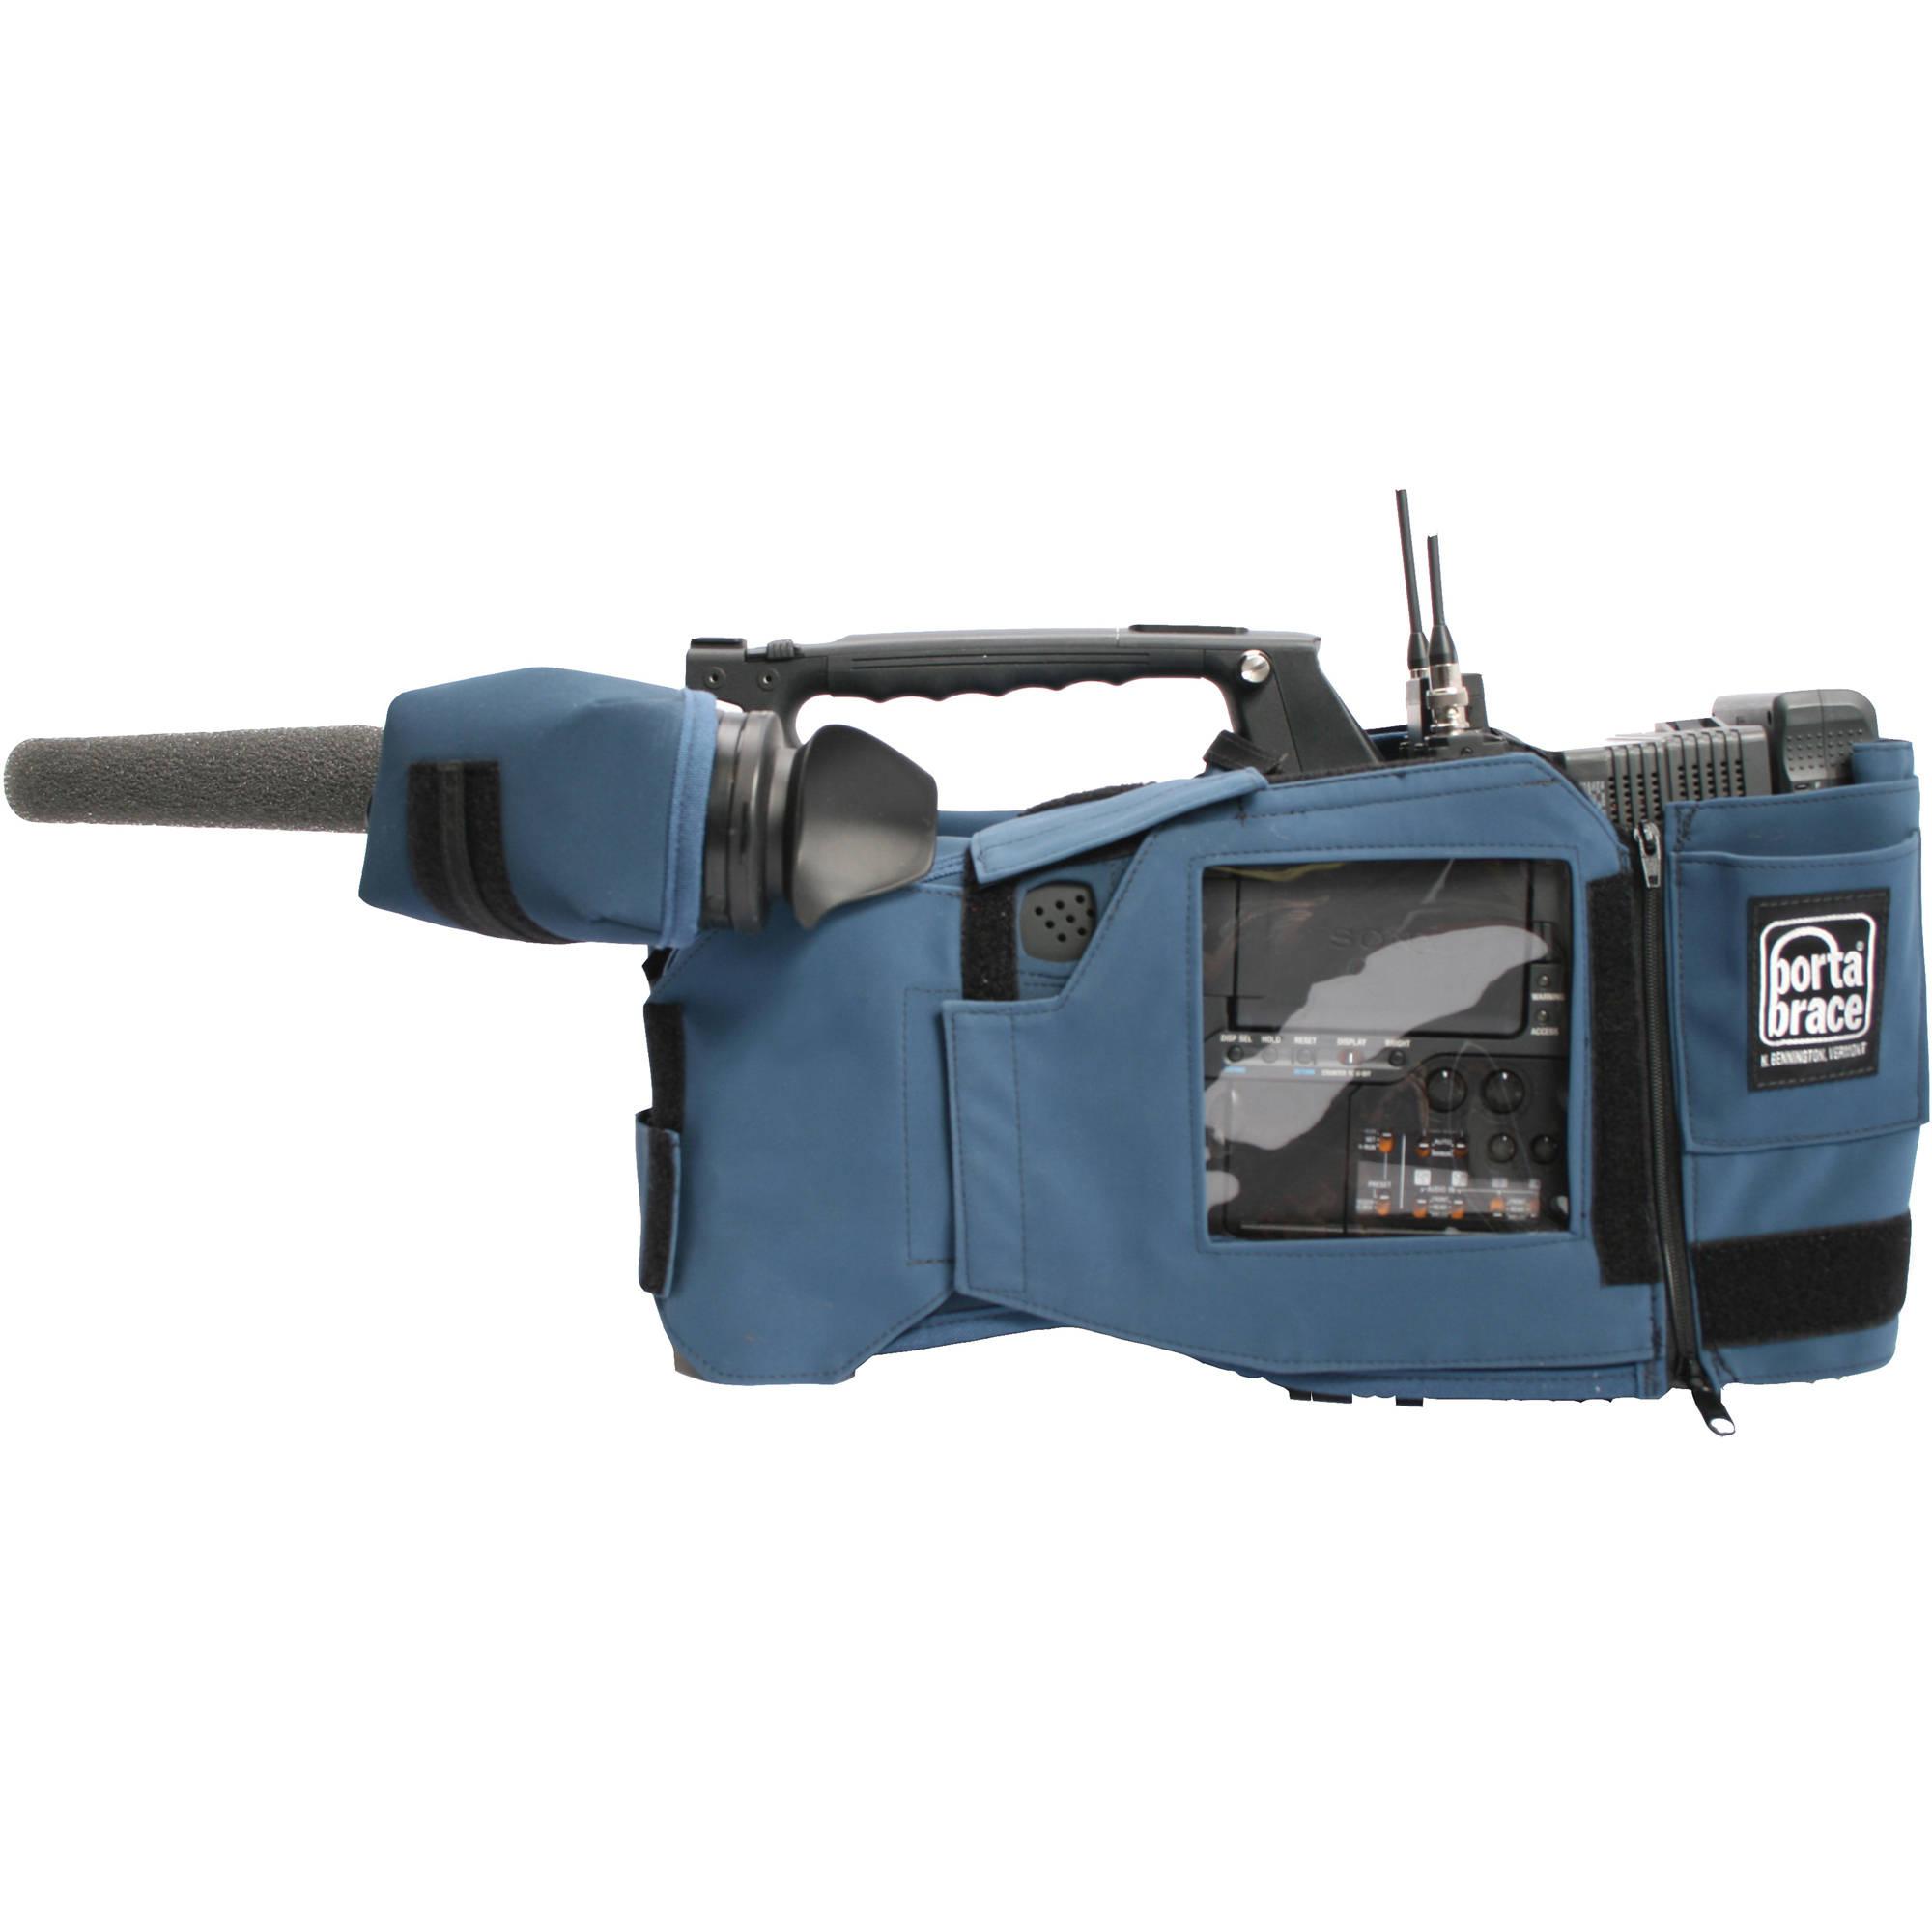 Porta Brace Camera Body Armor Case for Sony PMW-500 (Blue)